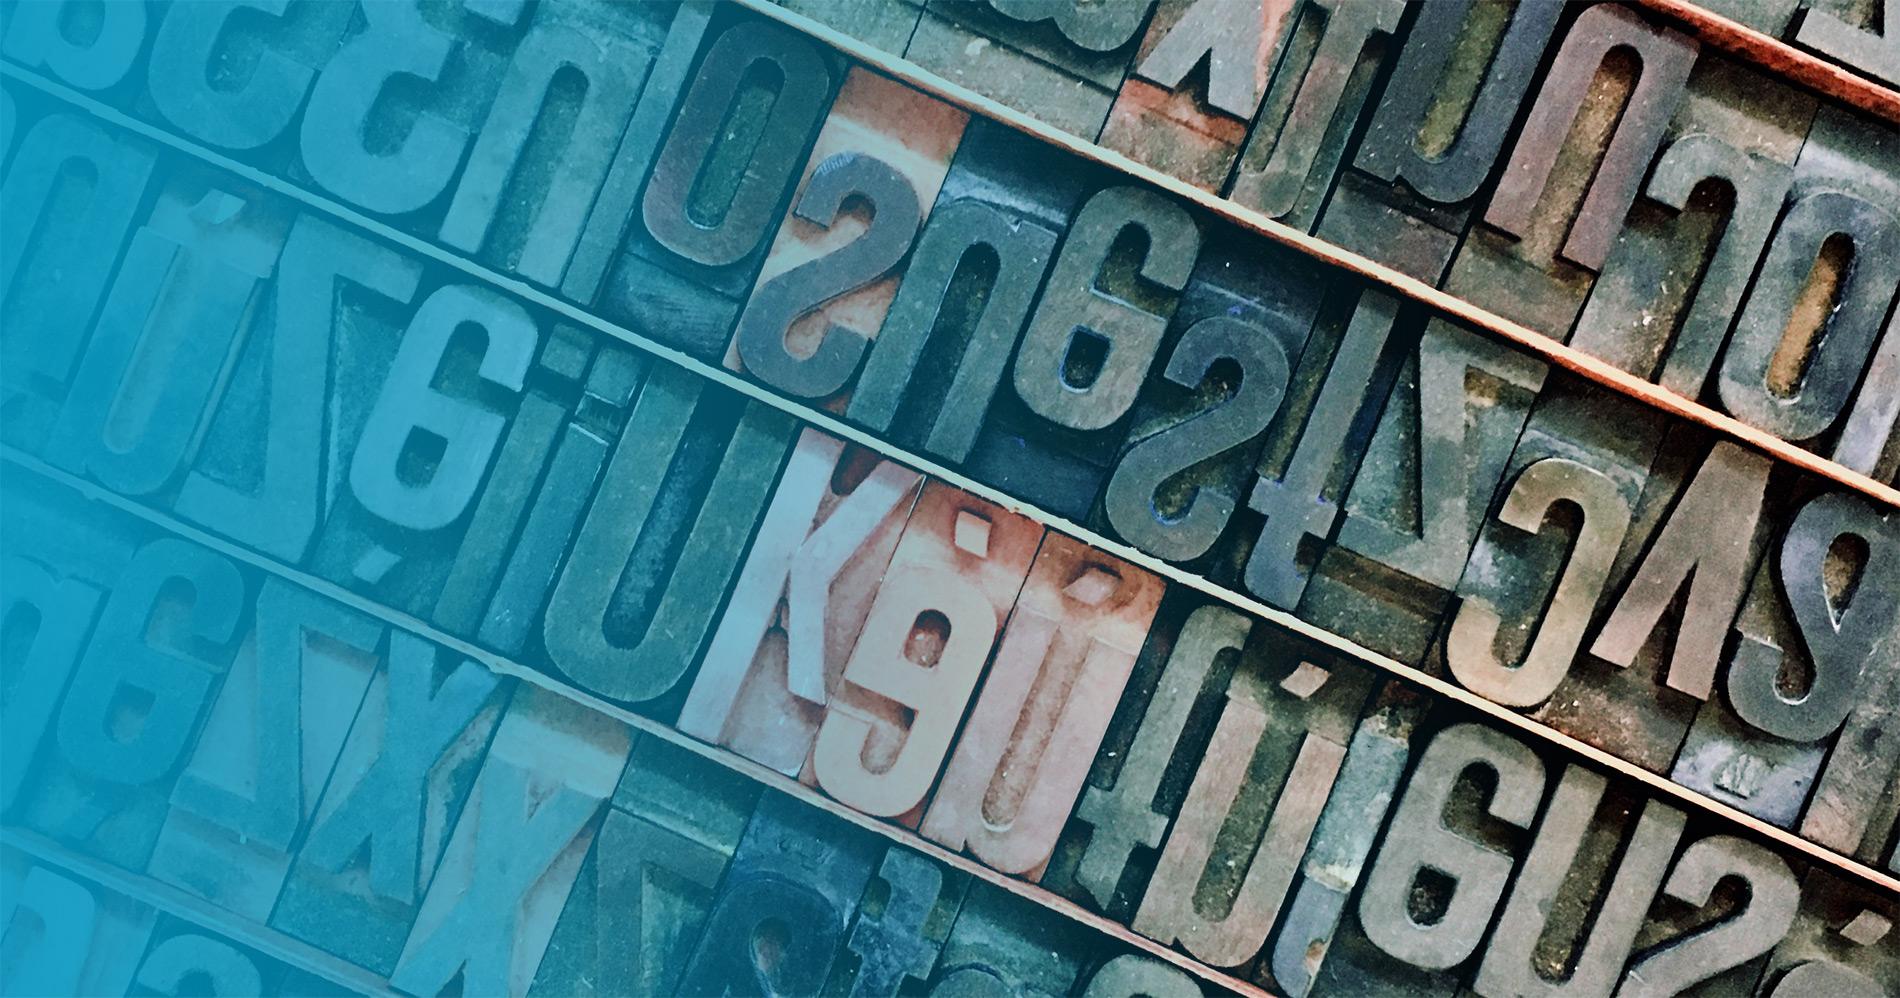 Letterpress letters up close